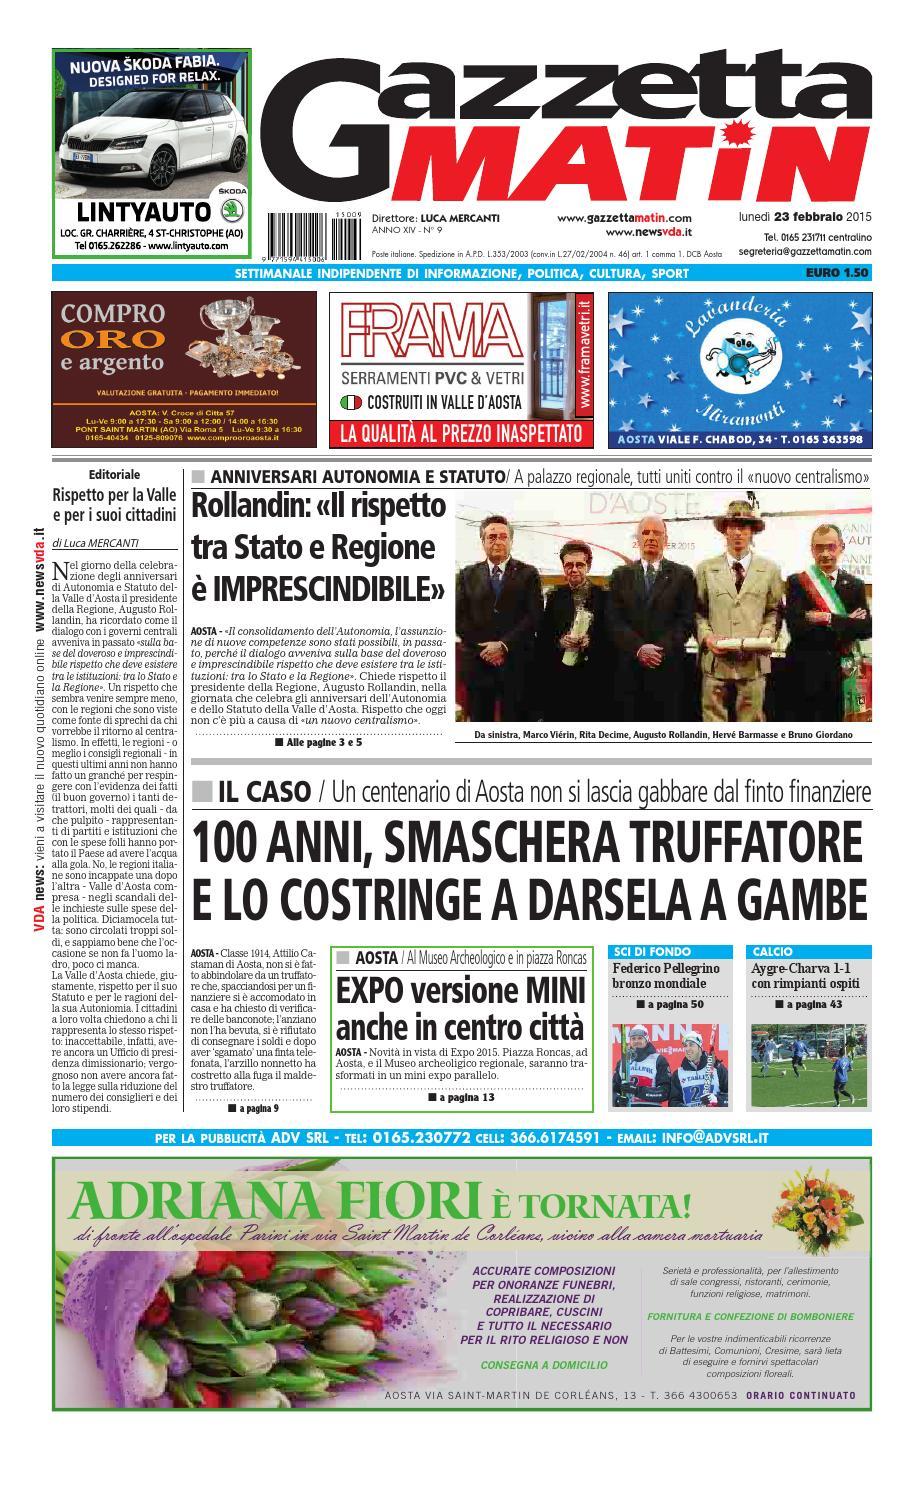 Gazzetta Matin del 23 febbraio 2015 by NewsVDA - issuu 23fc1bd09f12